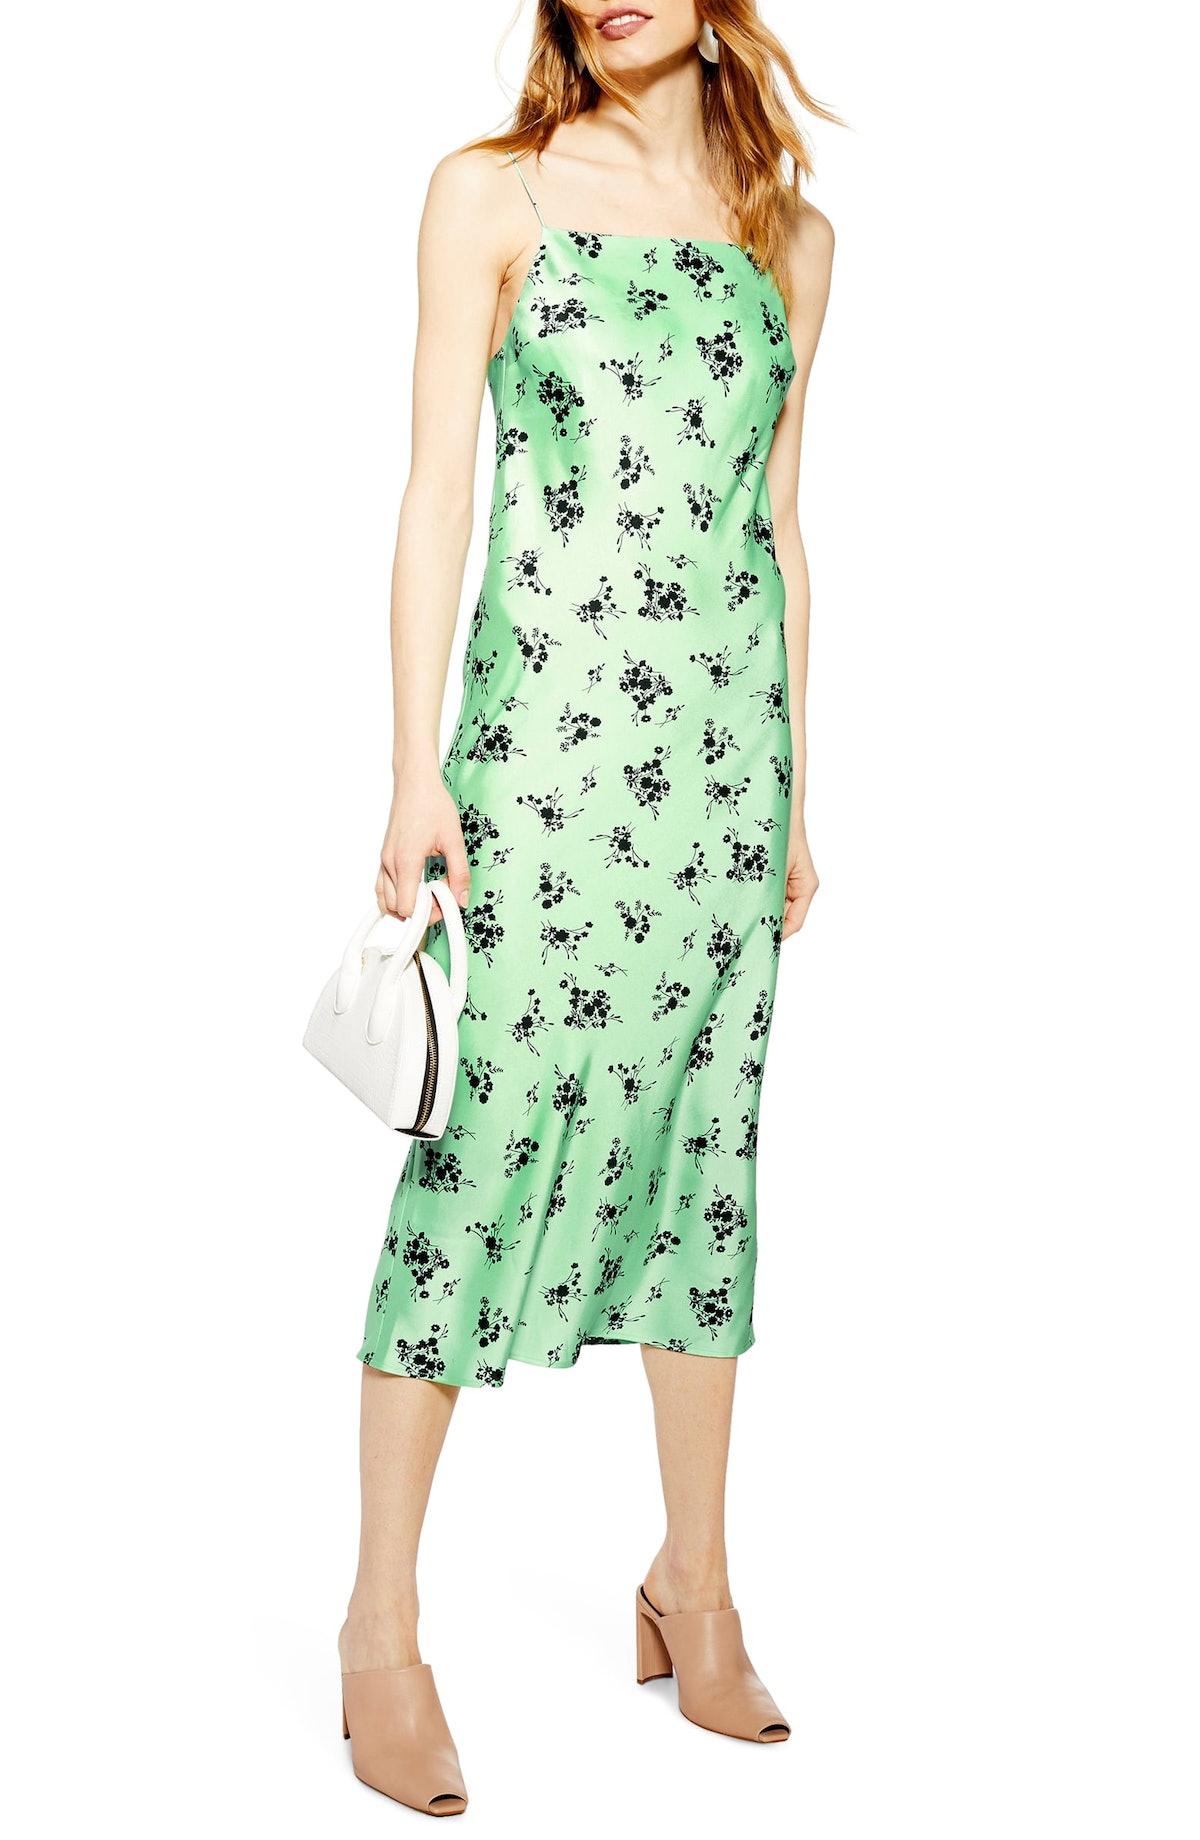 Topshop Apple Flower Satin Slip Dress